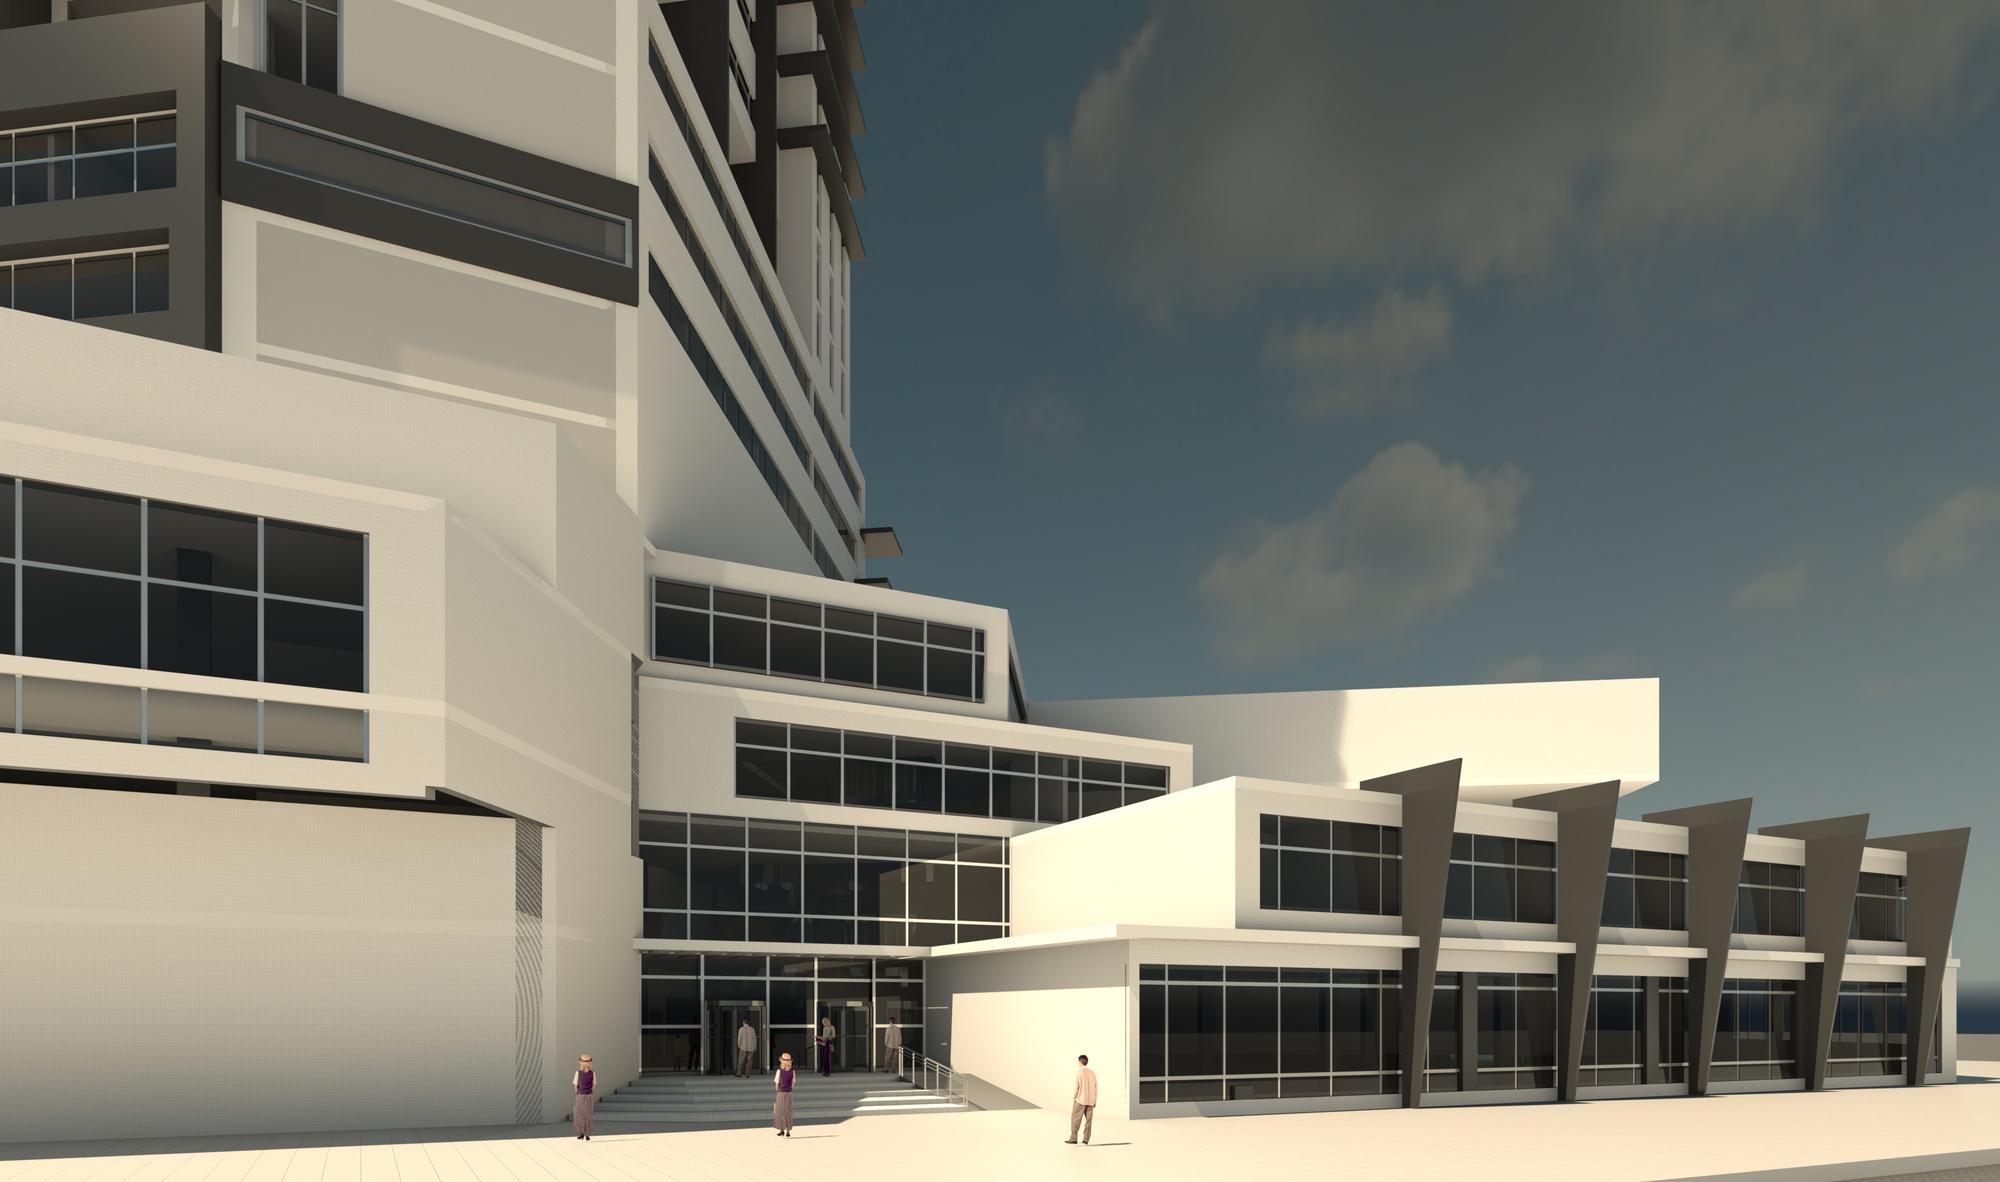 Raas-rendering20150104-24090-1ds871o